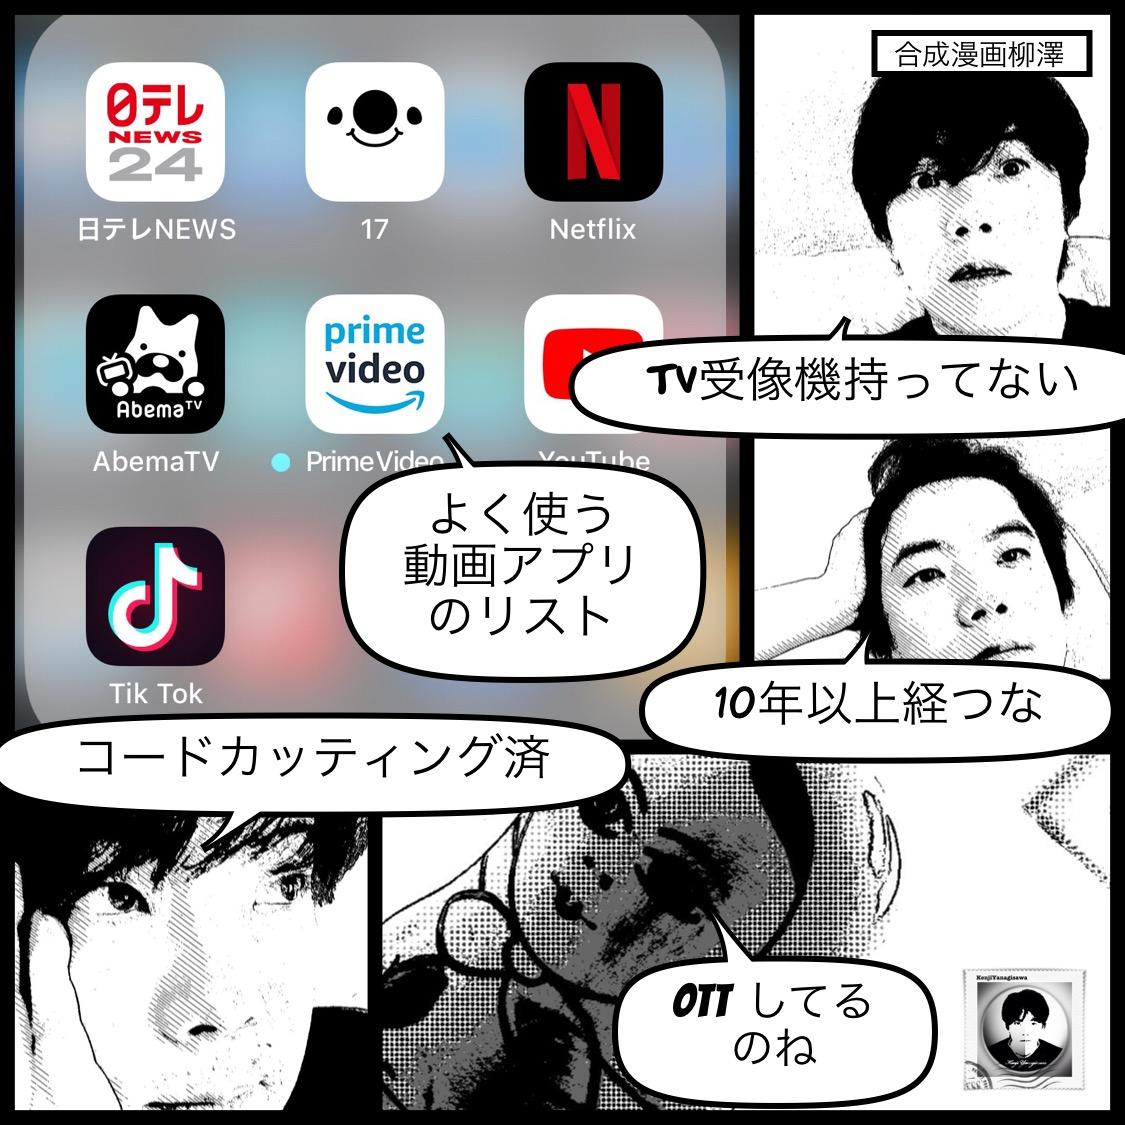 コードカッティングとNETFLIXと17イチナナライブ:合成漫画柳澤